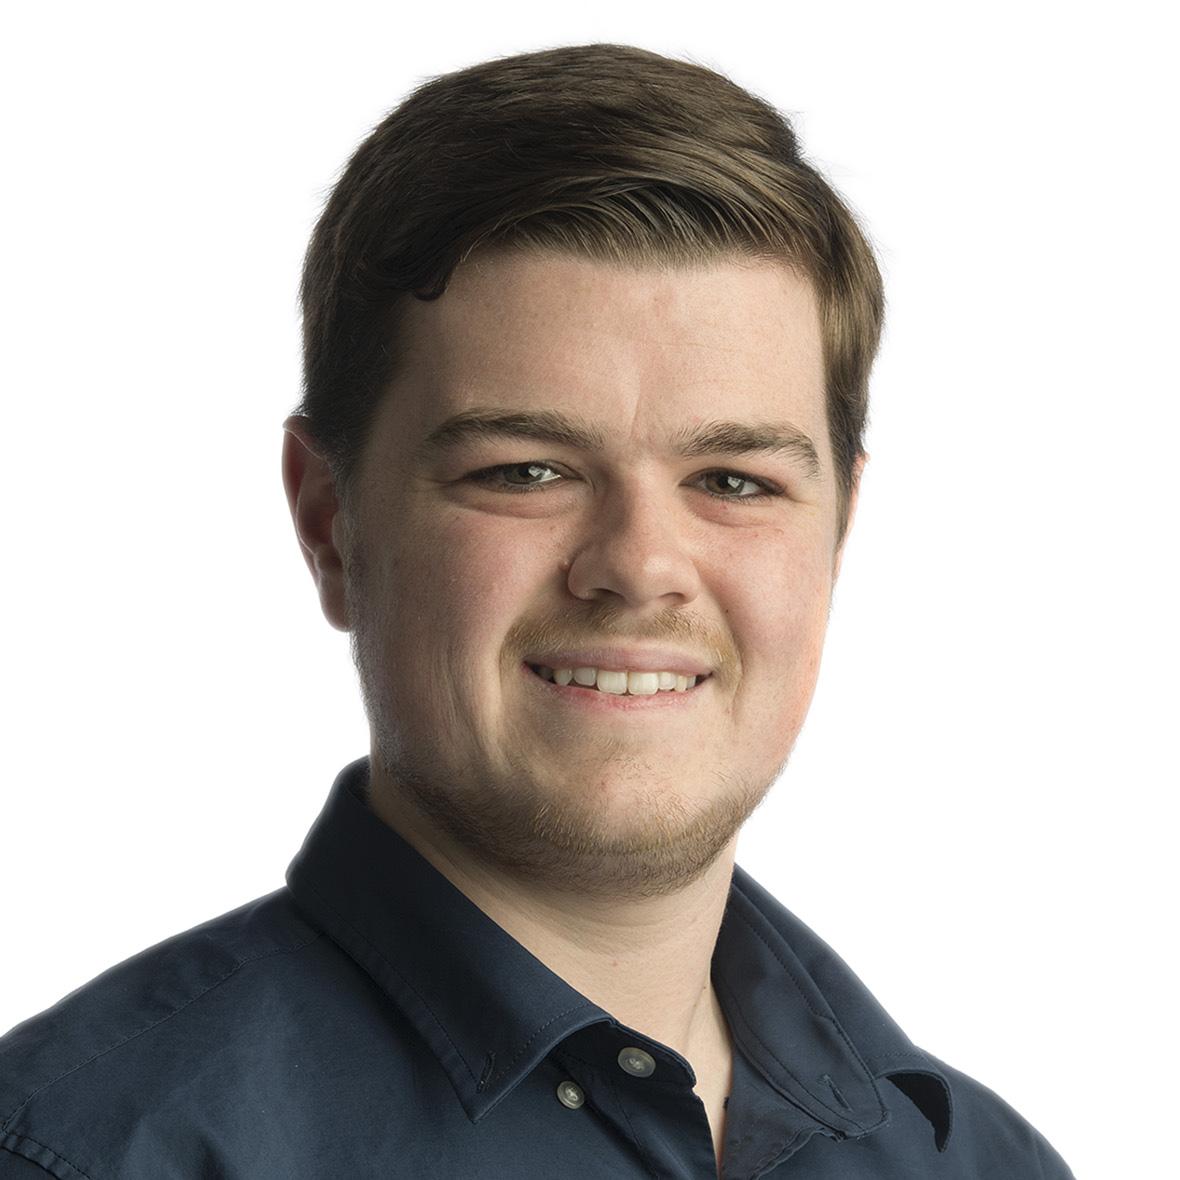 Photo of Jack Heffernan